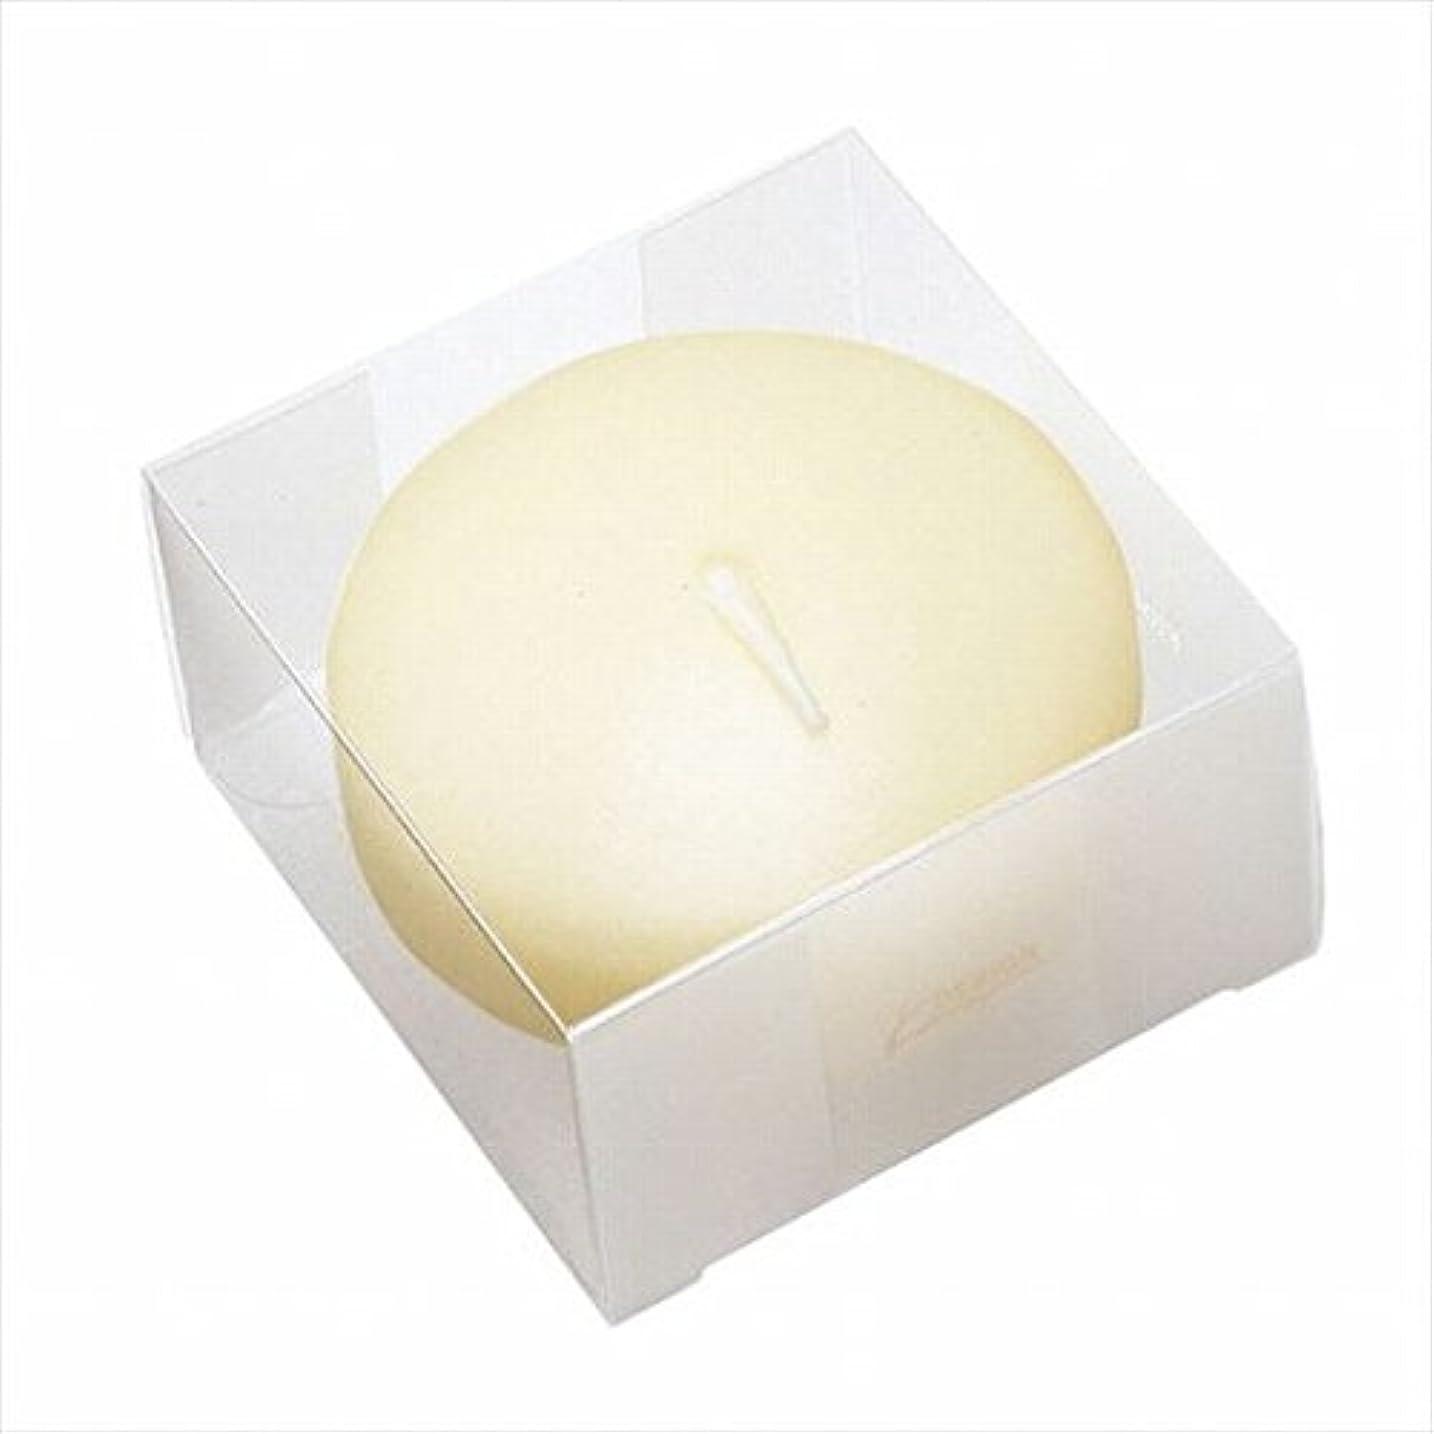 港キャッシュ振り返るカメヤマキャンドル(kameyama candle) プール80(箱入り) 「 アイボリー 」